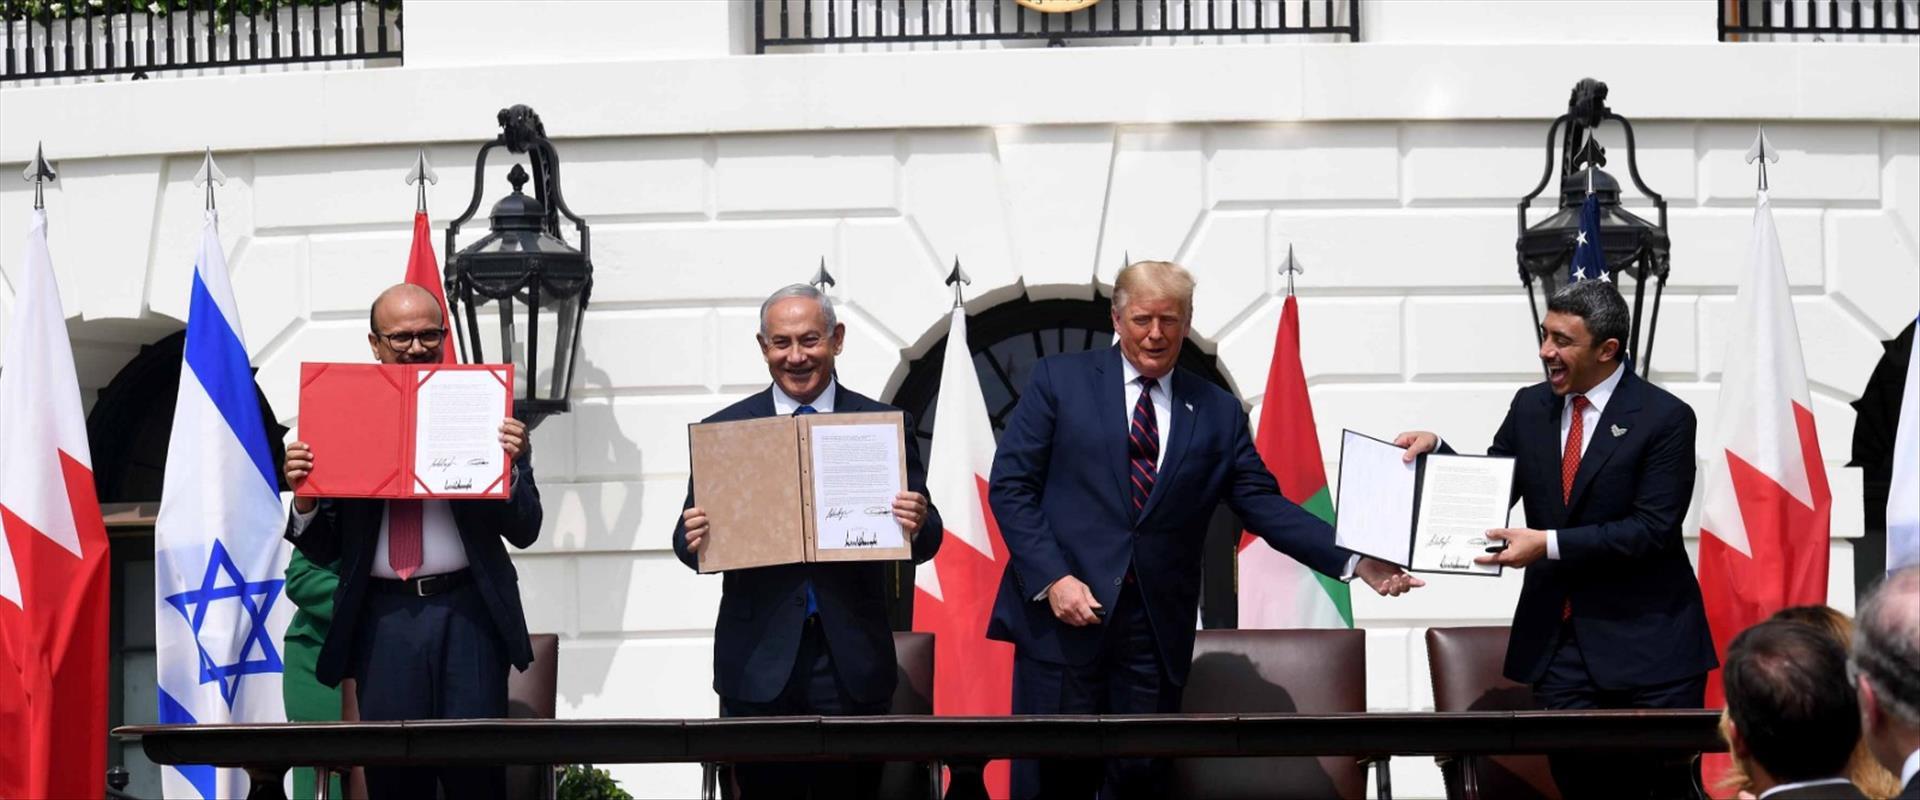 טקס החתימה על הסכם השלום בוושינגטון, אתמול